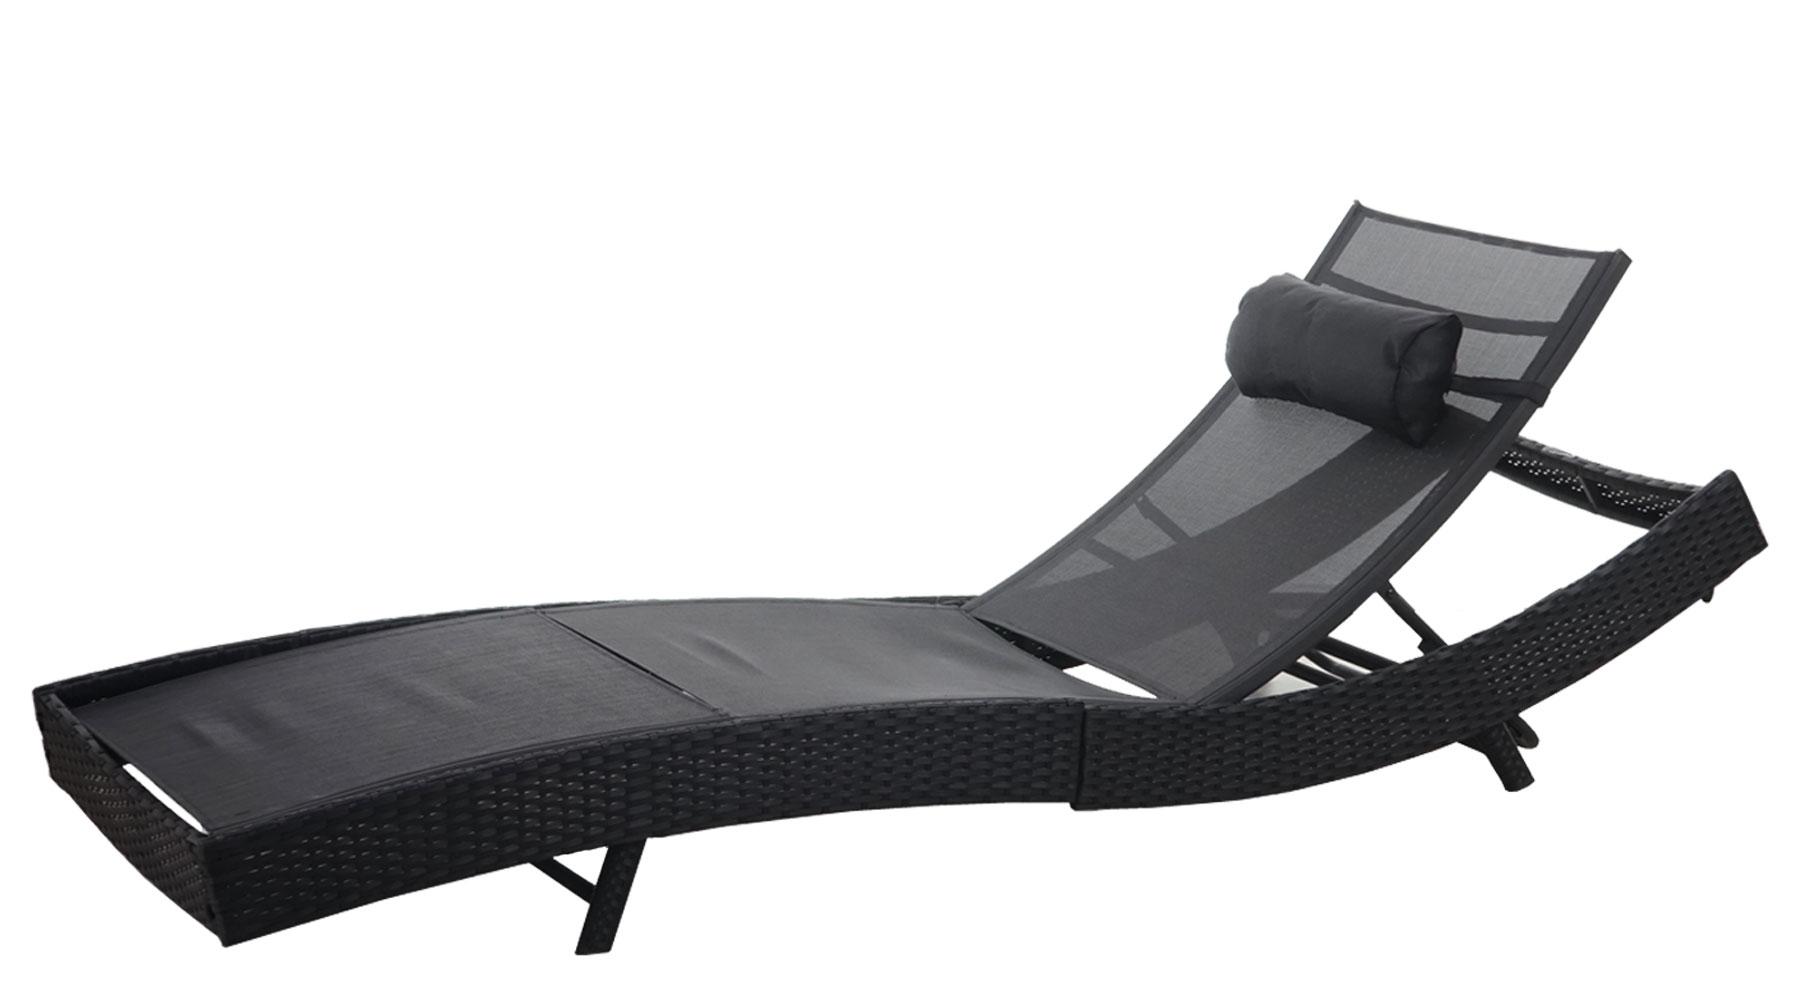 xxl sonnenliege samara relaxliege poly rattan anthrazit bezug schwarz ebay. Black Bedroom Furniture Sets. Home Design Ideas